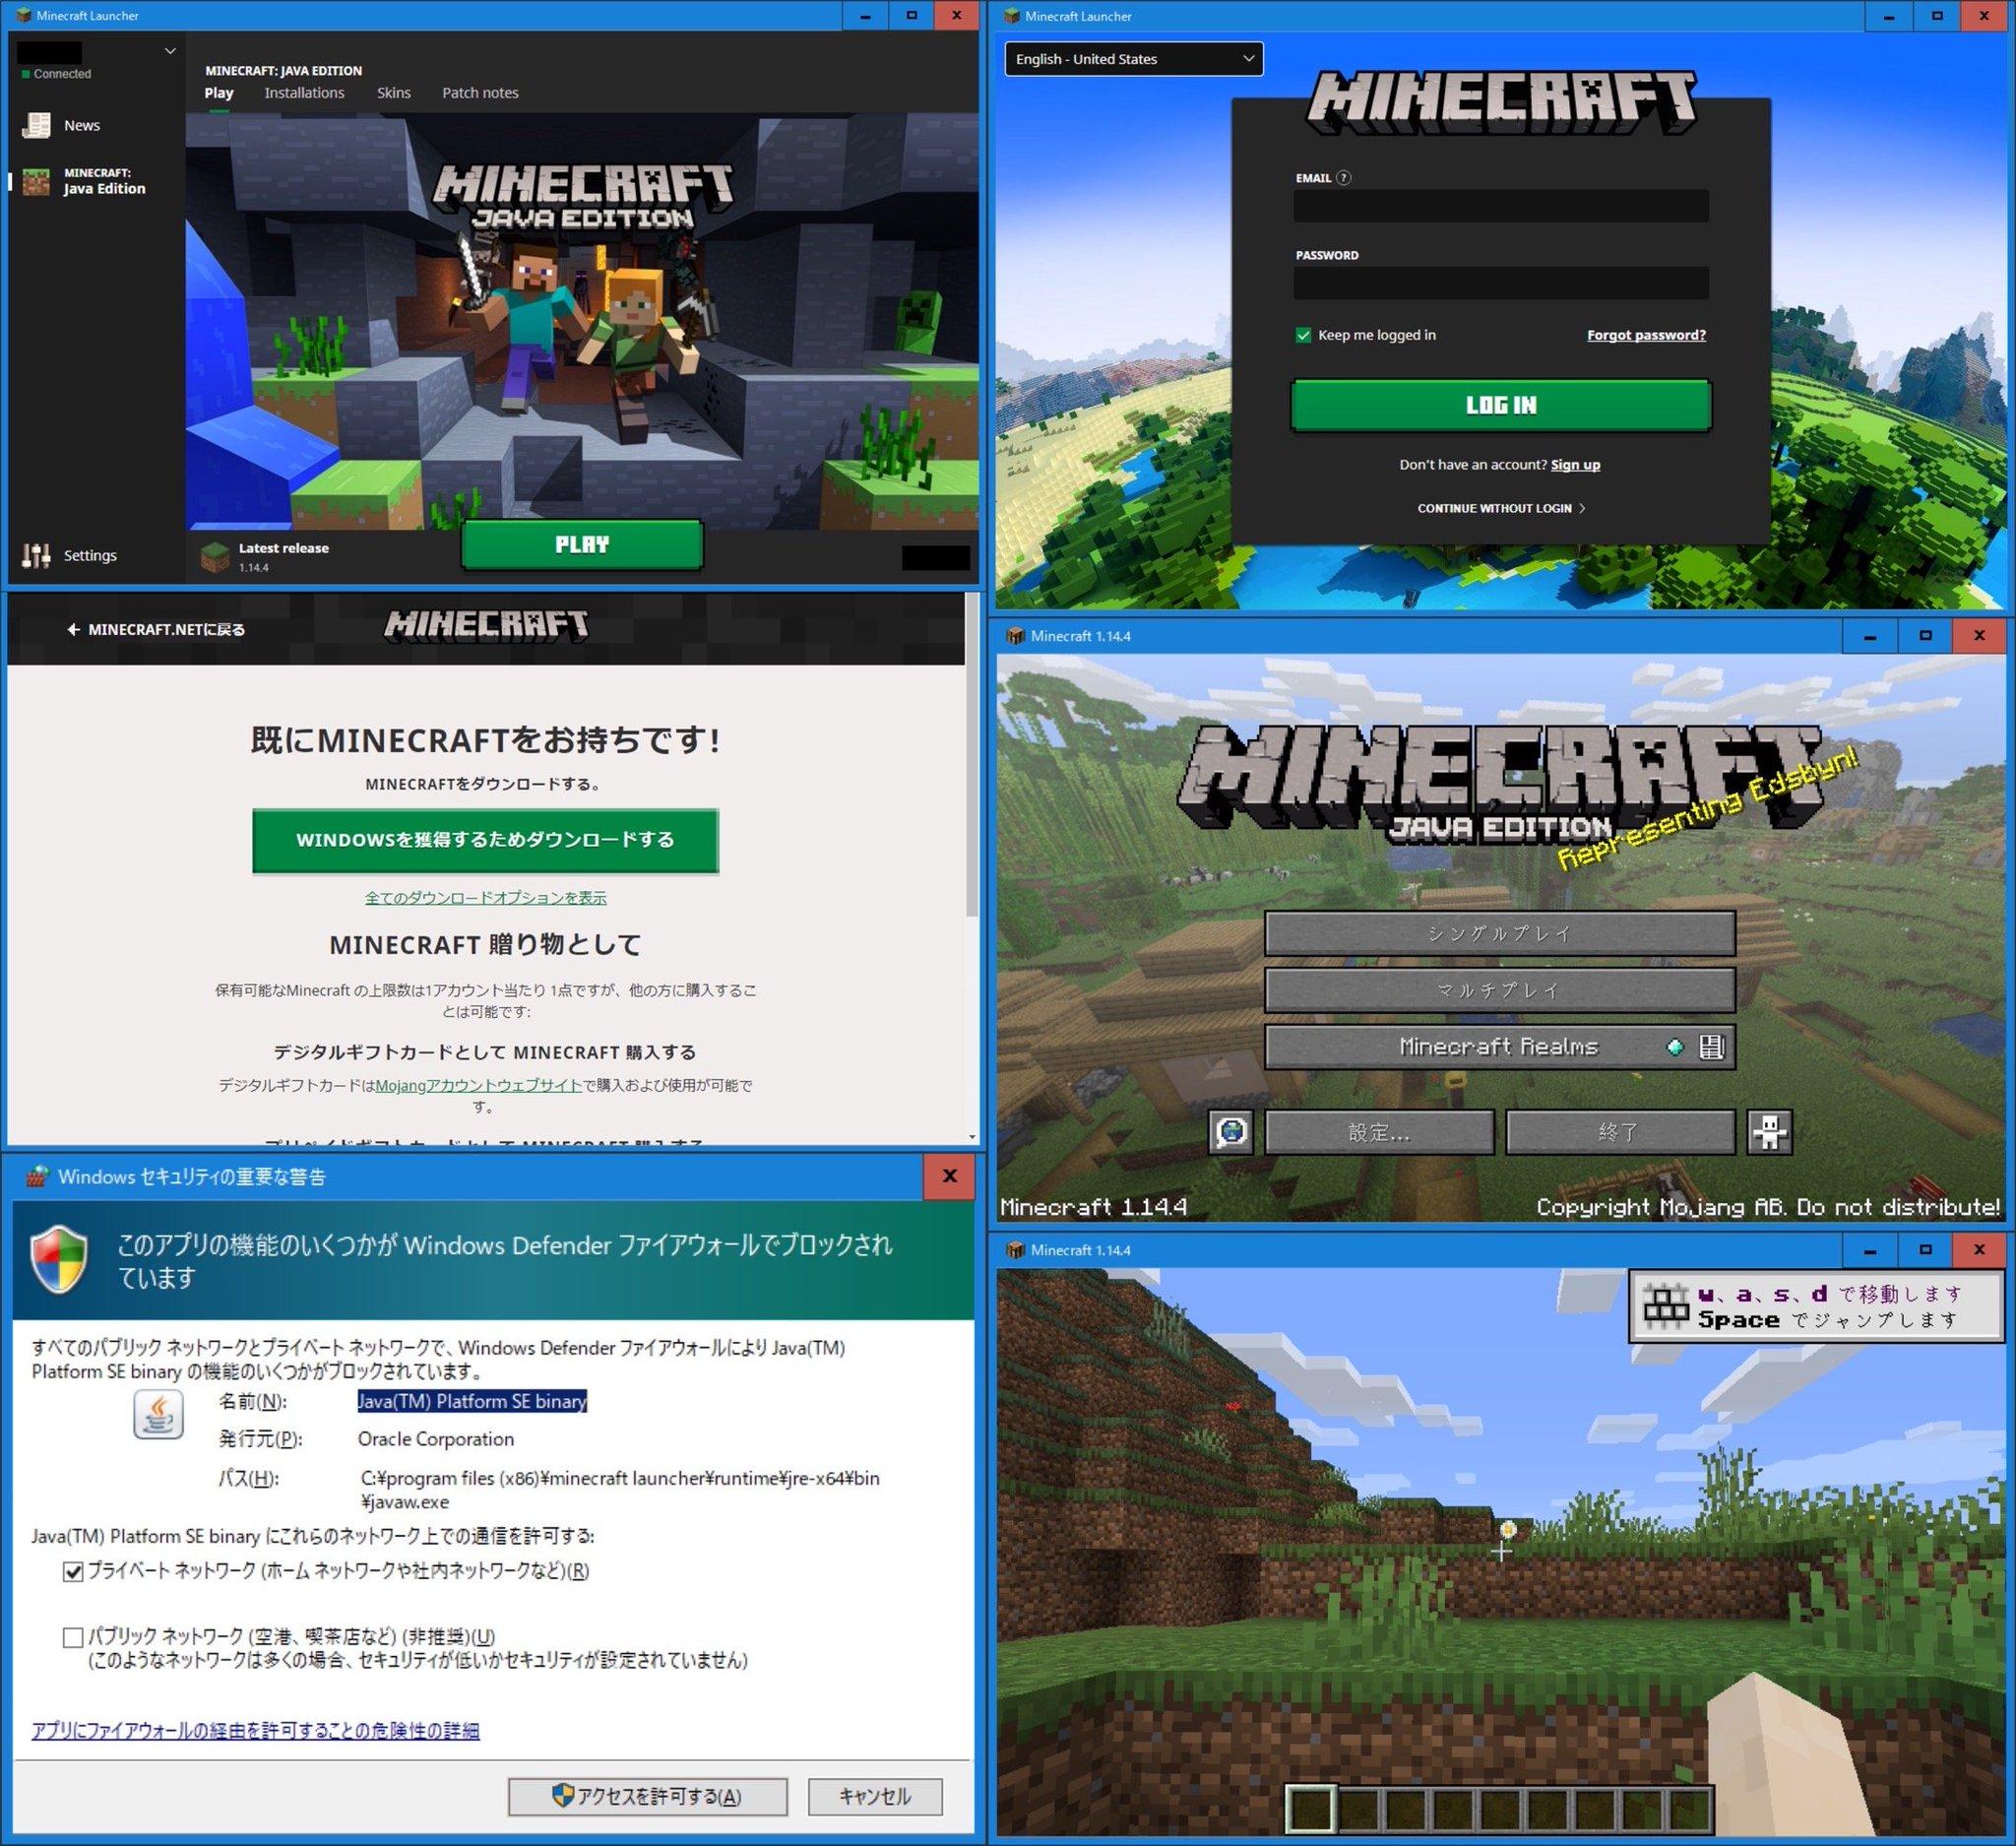 Windows 10 に Minecraft をインストールしたら Java Edition だった。Java は Minecraft に同梱されているように見える。  PCおよびMac用に購入する   Minecraft https://t.co/SK18h70qgH https://t.co/yQXJiQh4Pk